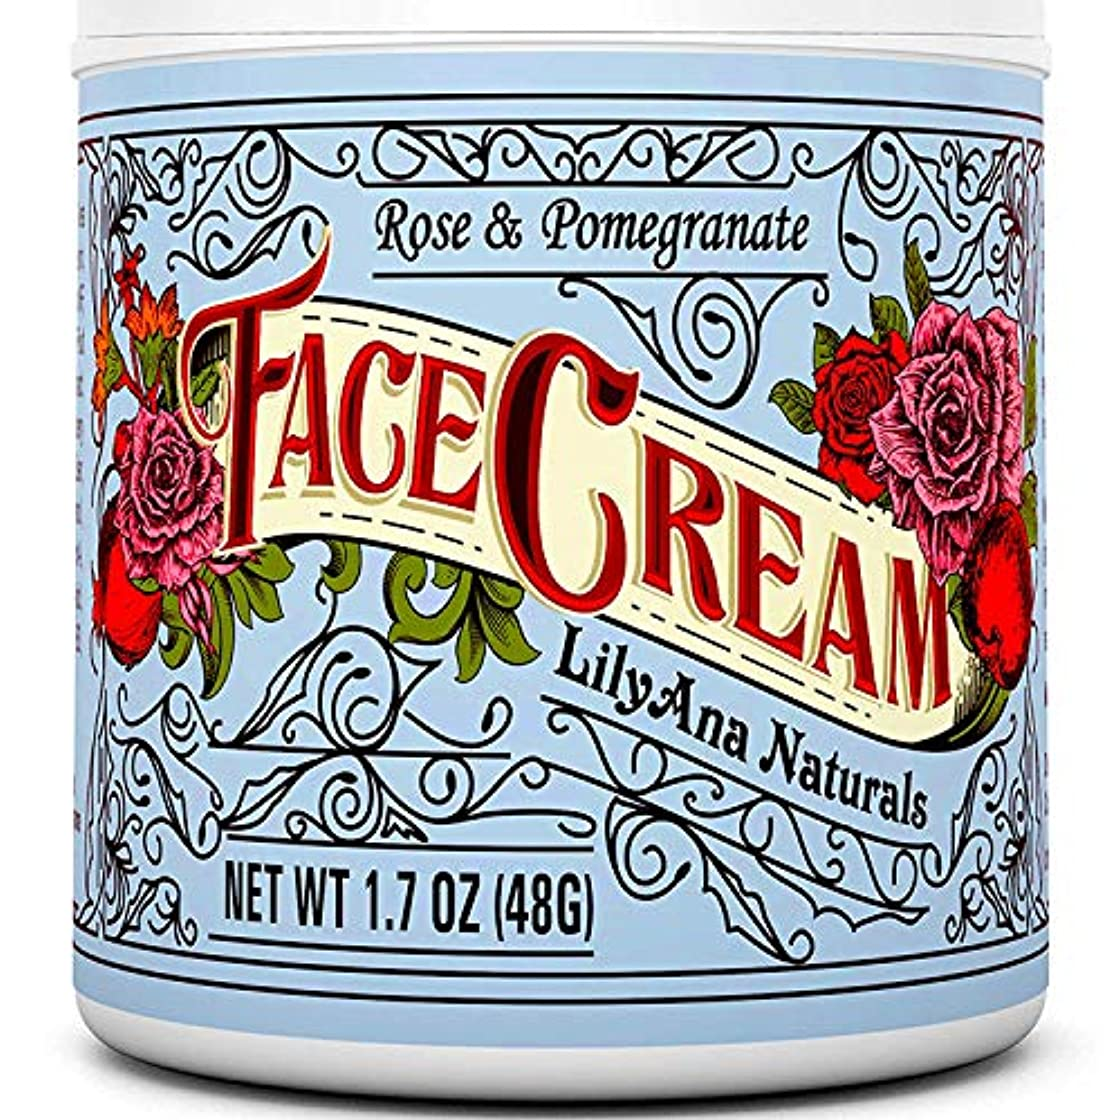 命令的シガレットベアリングサークルLilyAna Naturals 社 (リリーアナ?ナチュラルズ) モイスチャークリーム Face Cream Moisturizer (1.7 OZ) 日本語説明書き付 [並行輸入品]